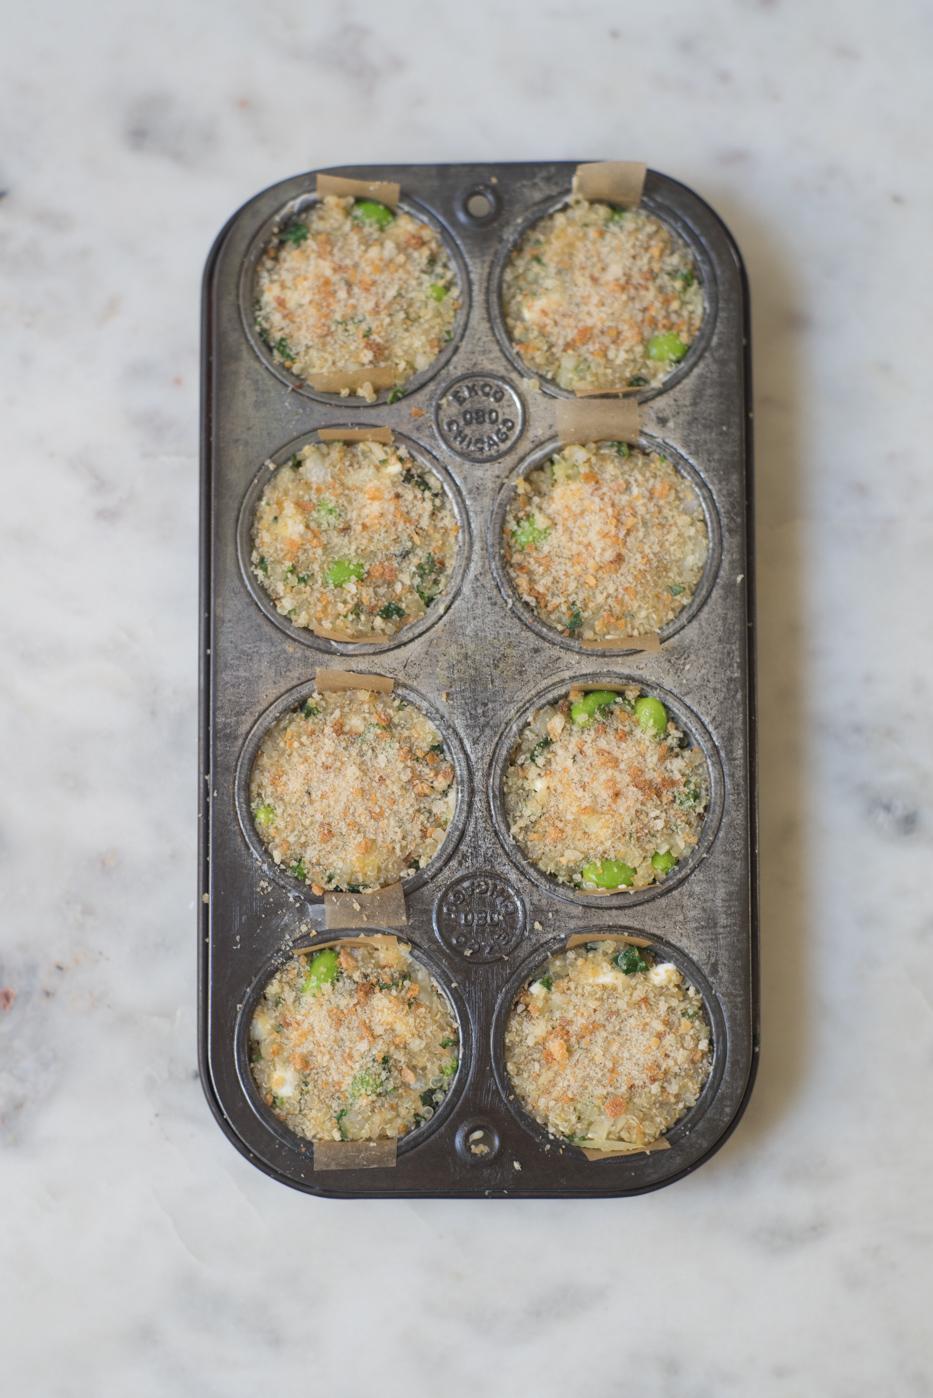 Kale Quinoa Bites